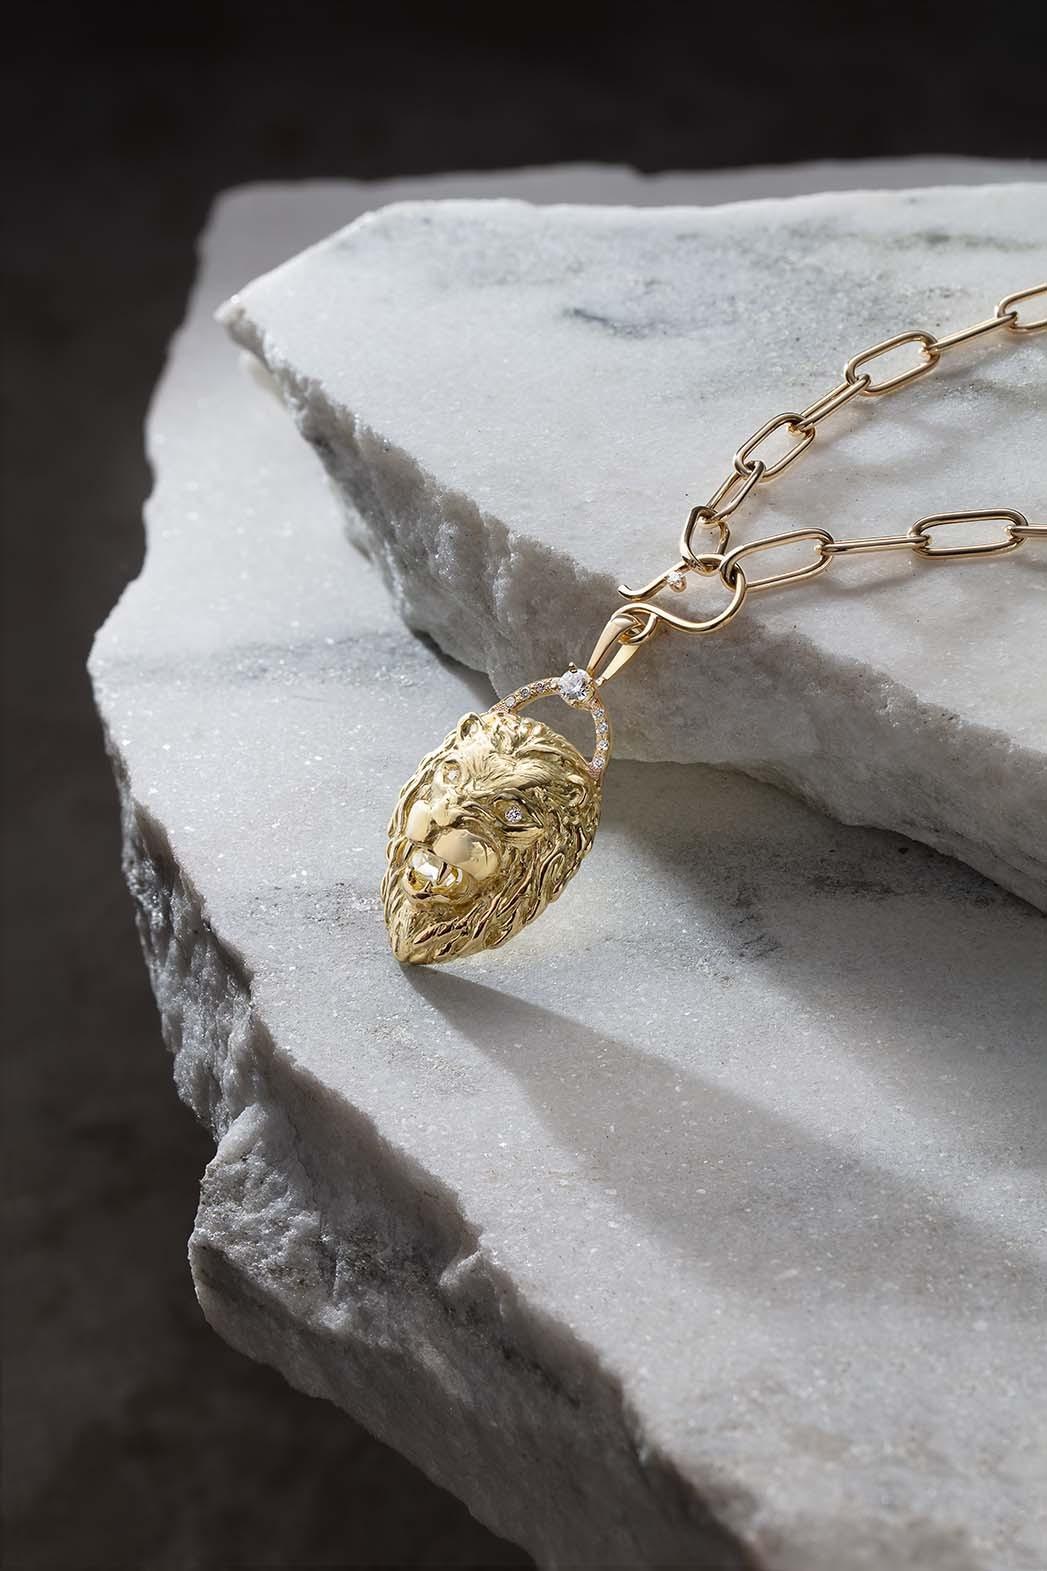 Lion's Head Anhänger Halskette von Schmuckdesignerin Zoë Chicco für das ReSet Collective.